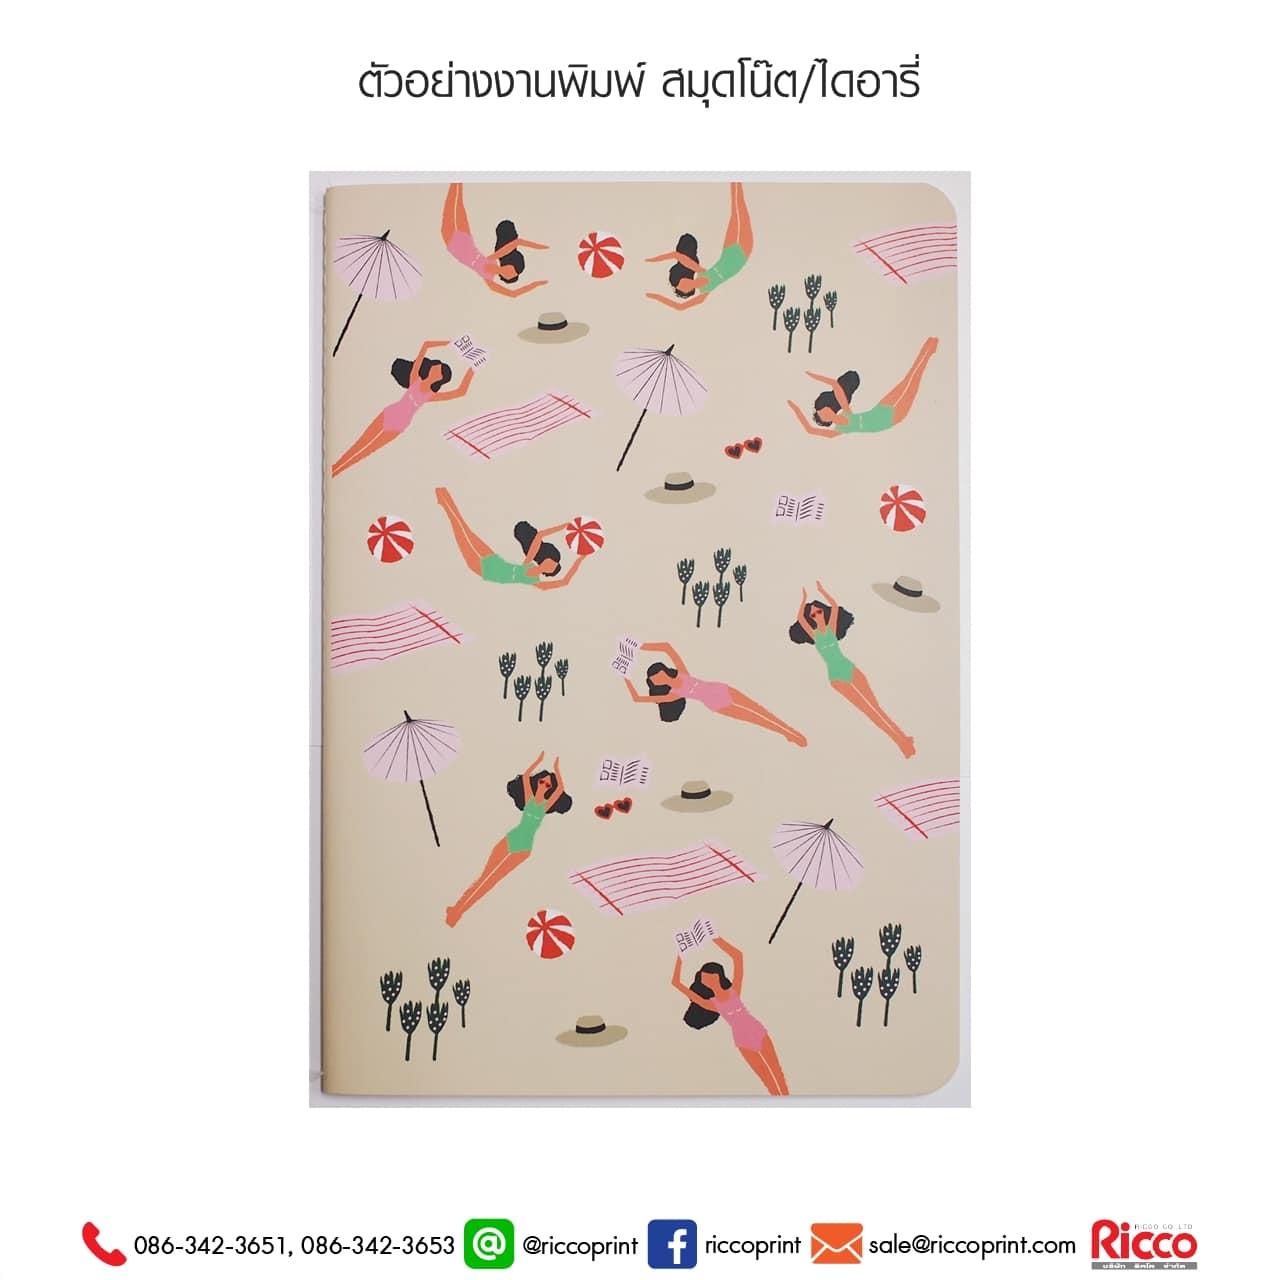 รูป Notebook Diary 16 - ประกอบเนื้อหา สมุดโน้ต ไดอารี่